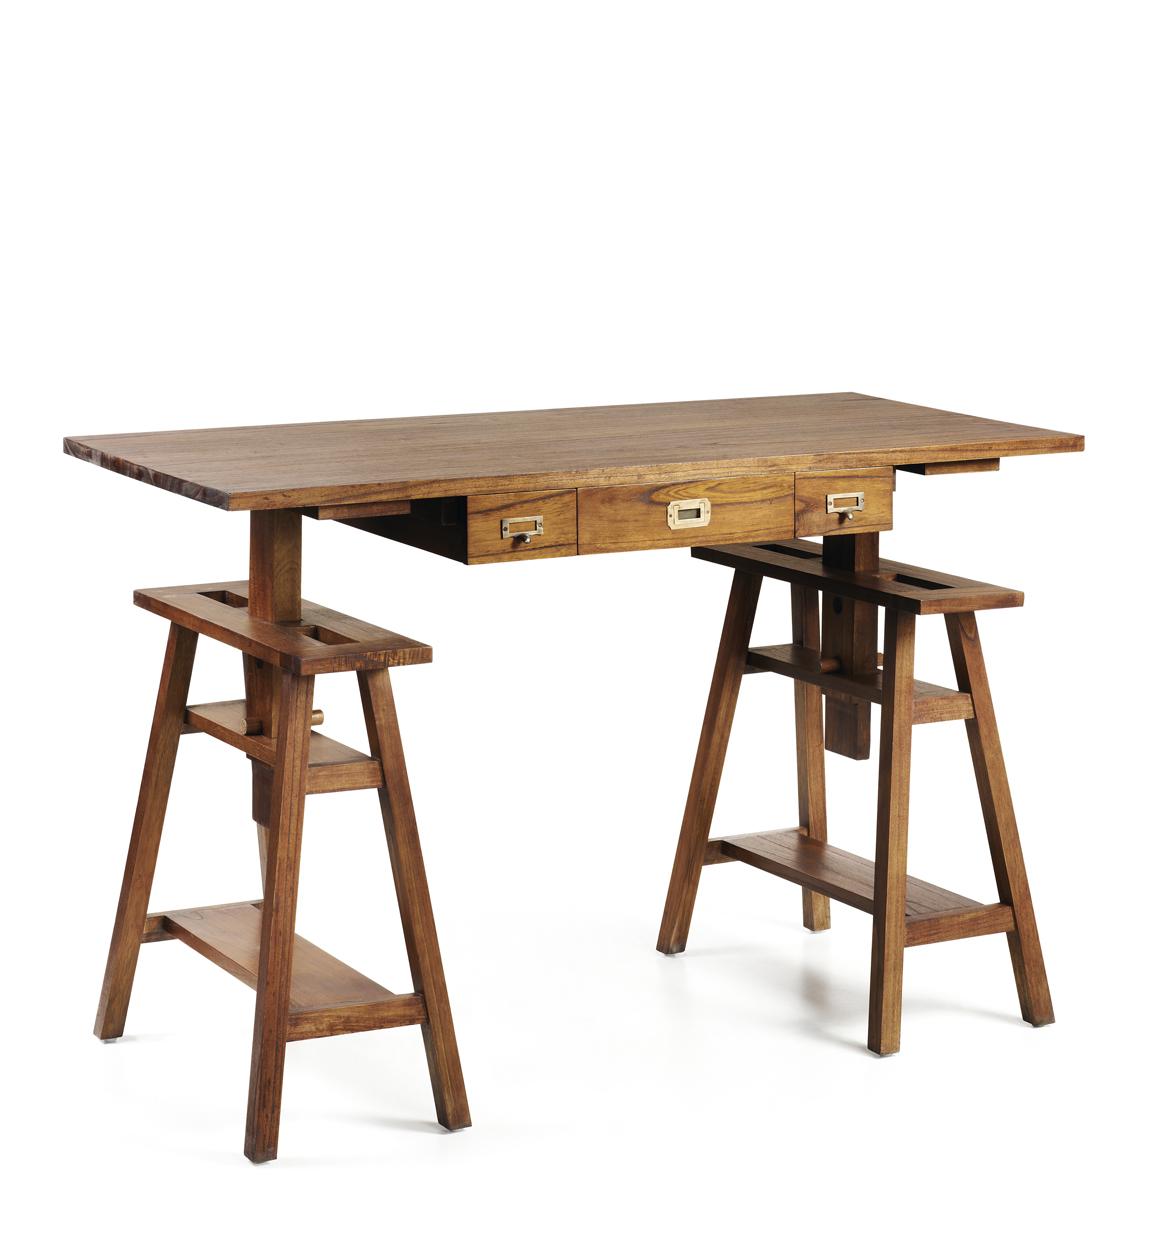 Bureau réglable en bois marron L 152 cm